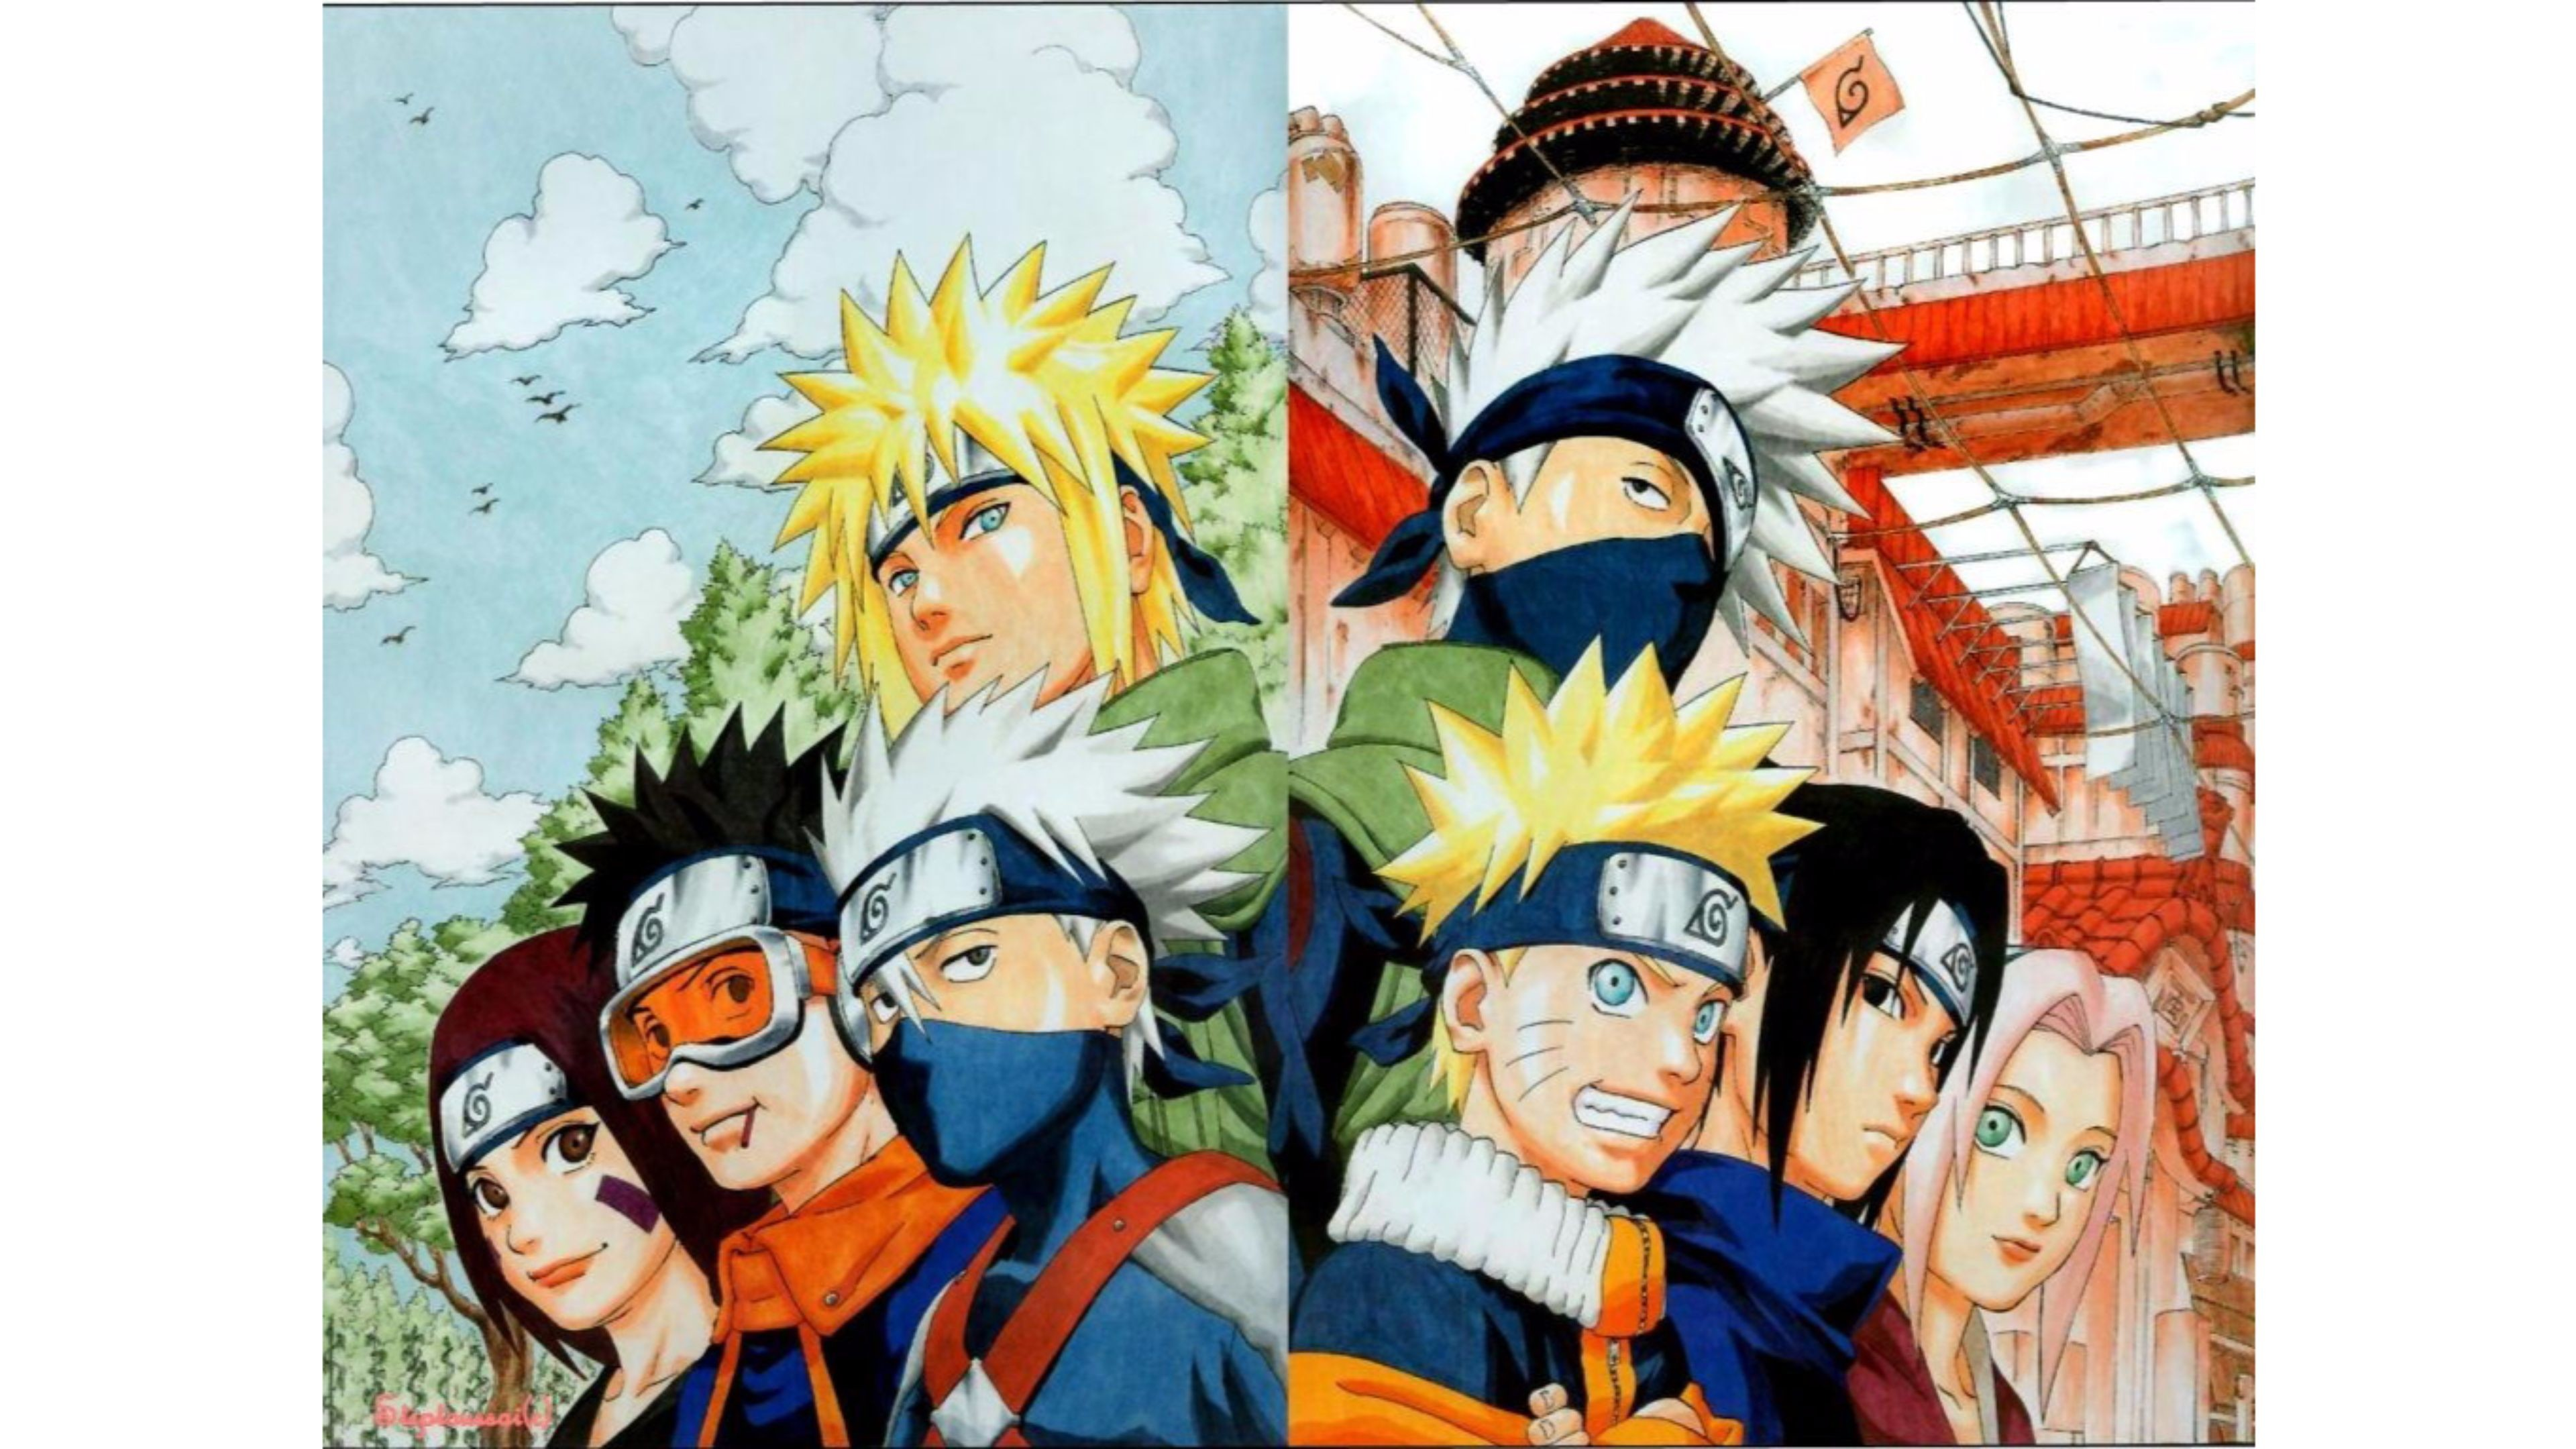 26 Iphone 11 Anime Wallpaper 4k Anime Wallpaper